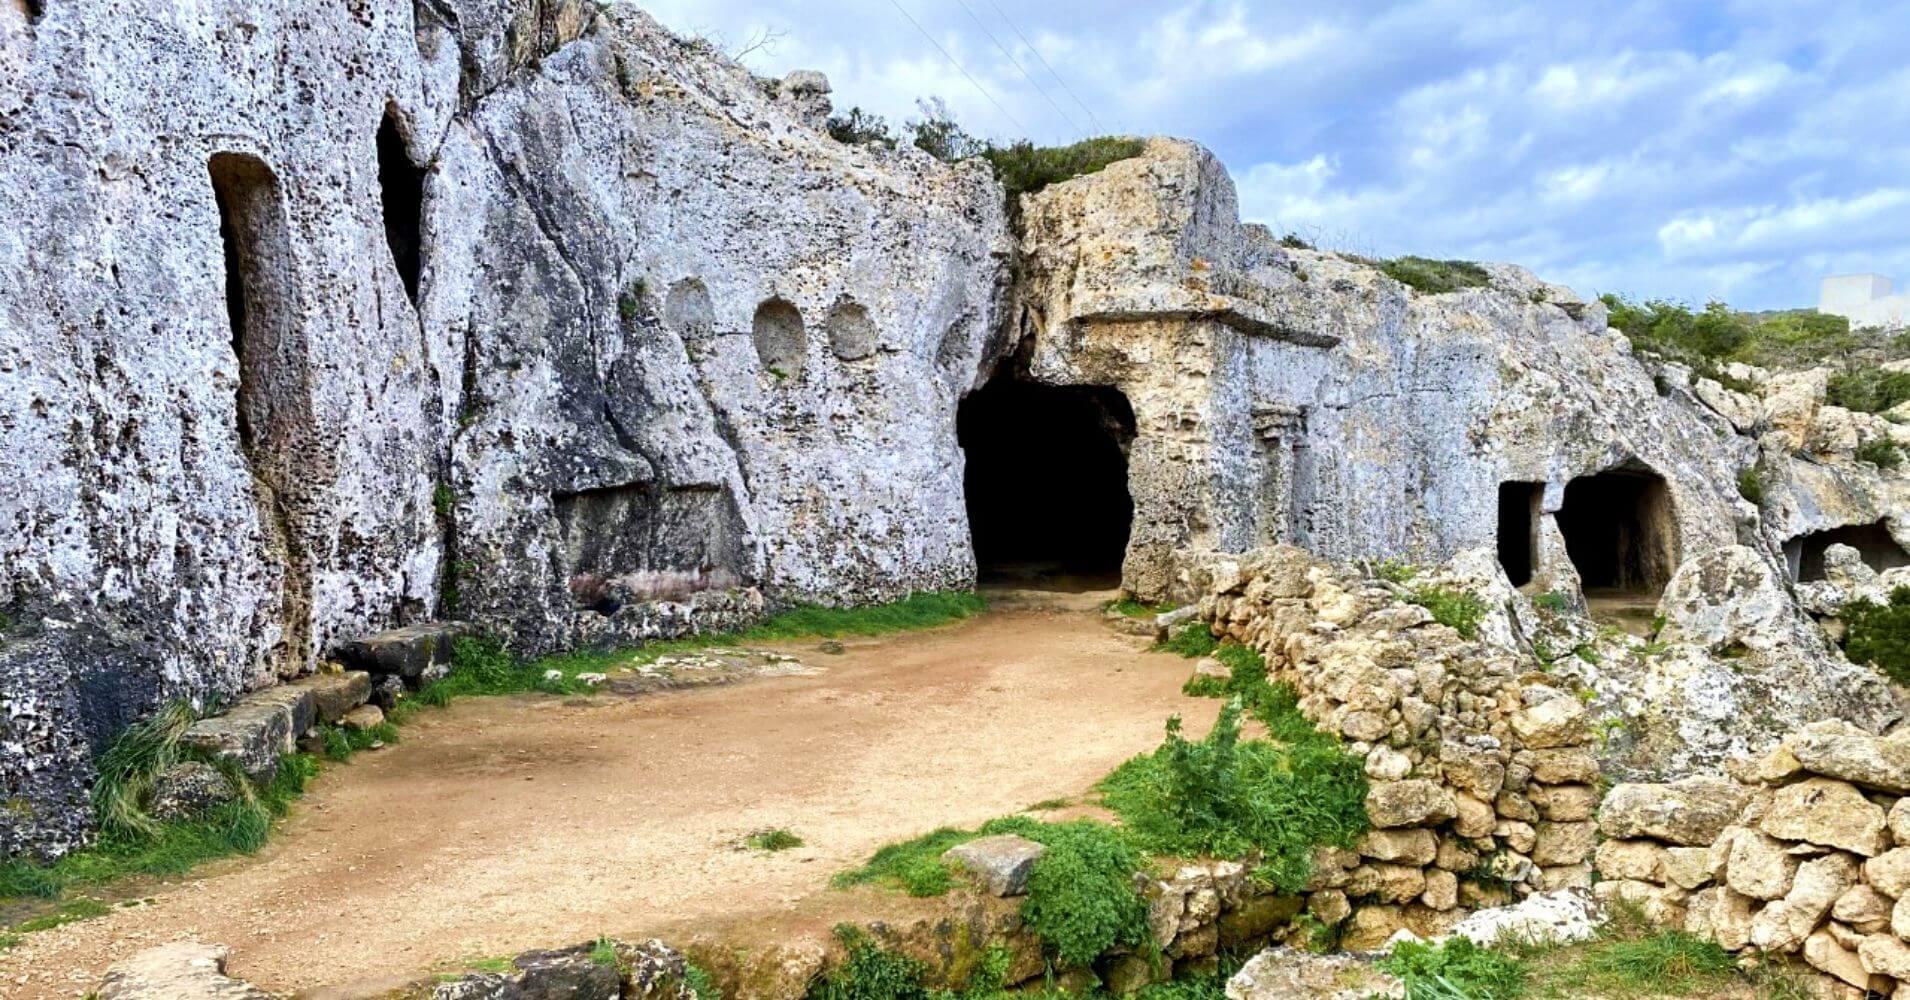 Necrópolis de Cala Morell. isla de Menorca. Baleares.